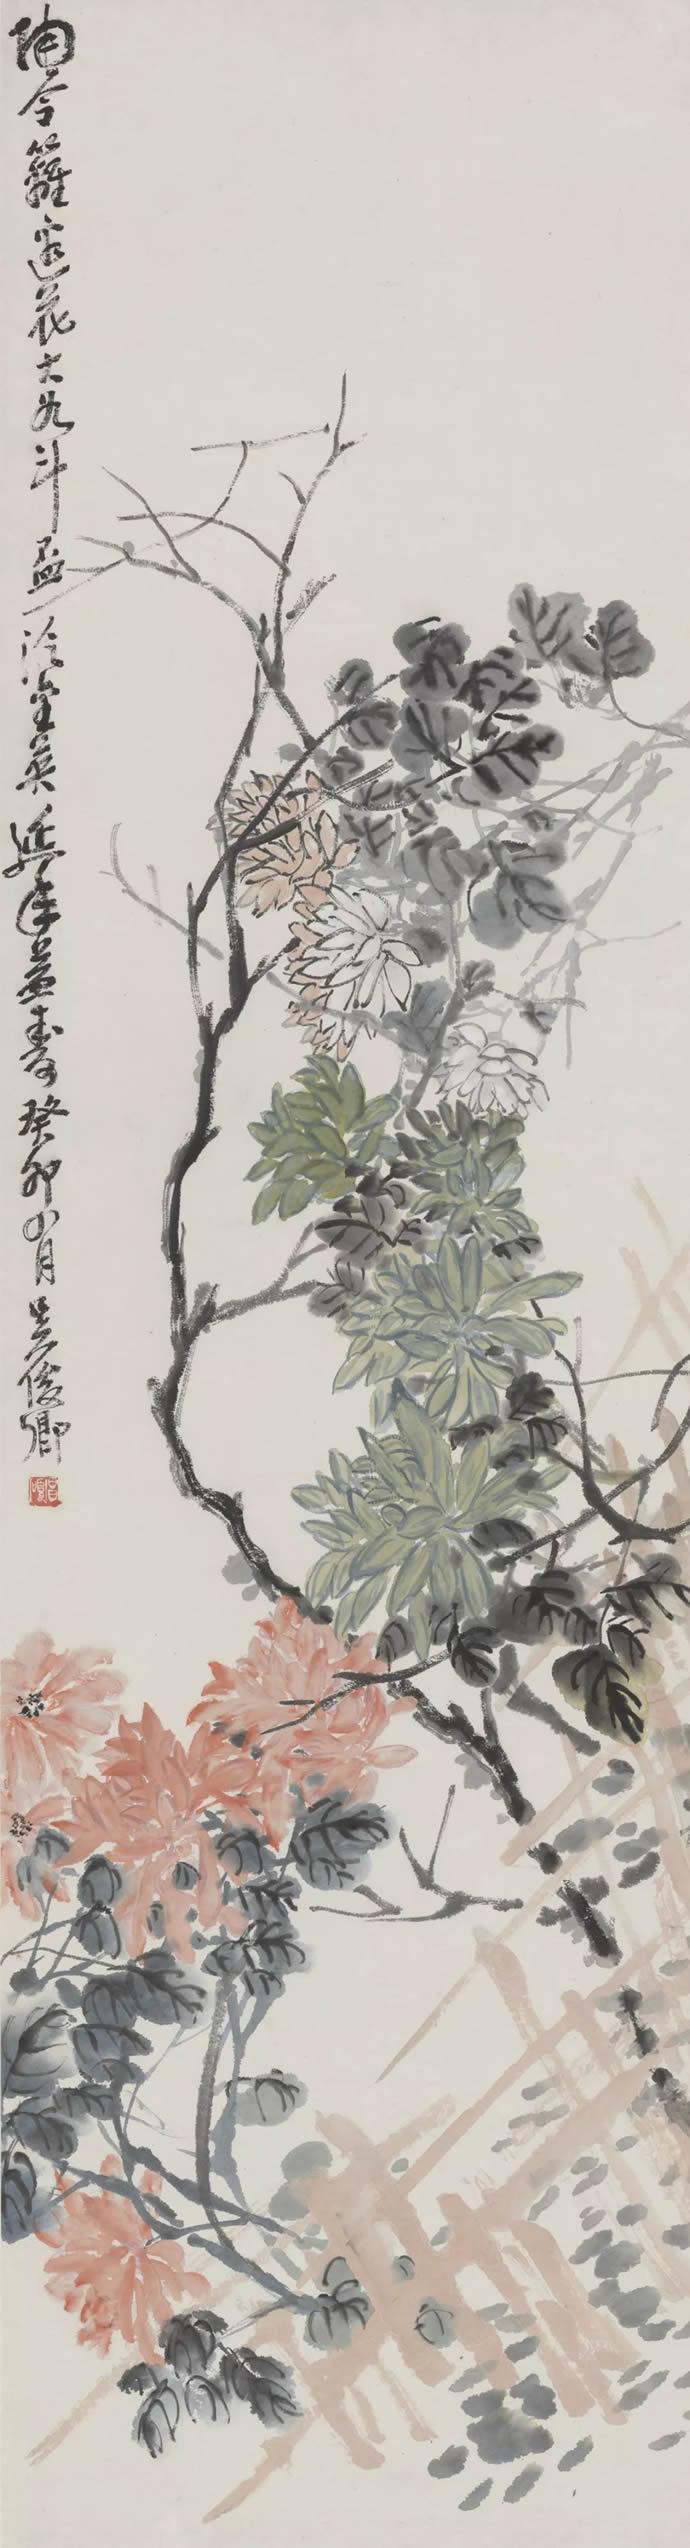 吴昌硕 篱菊图轴